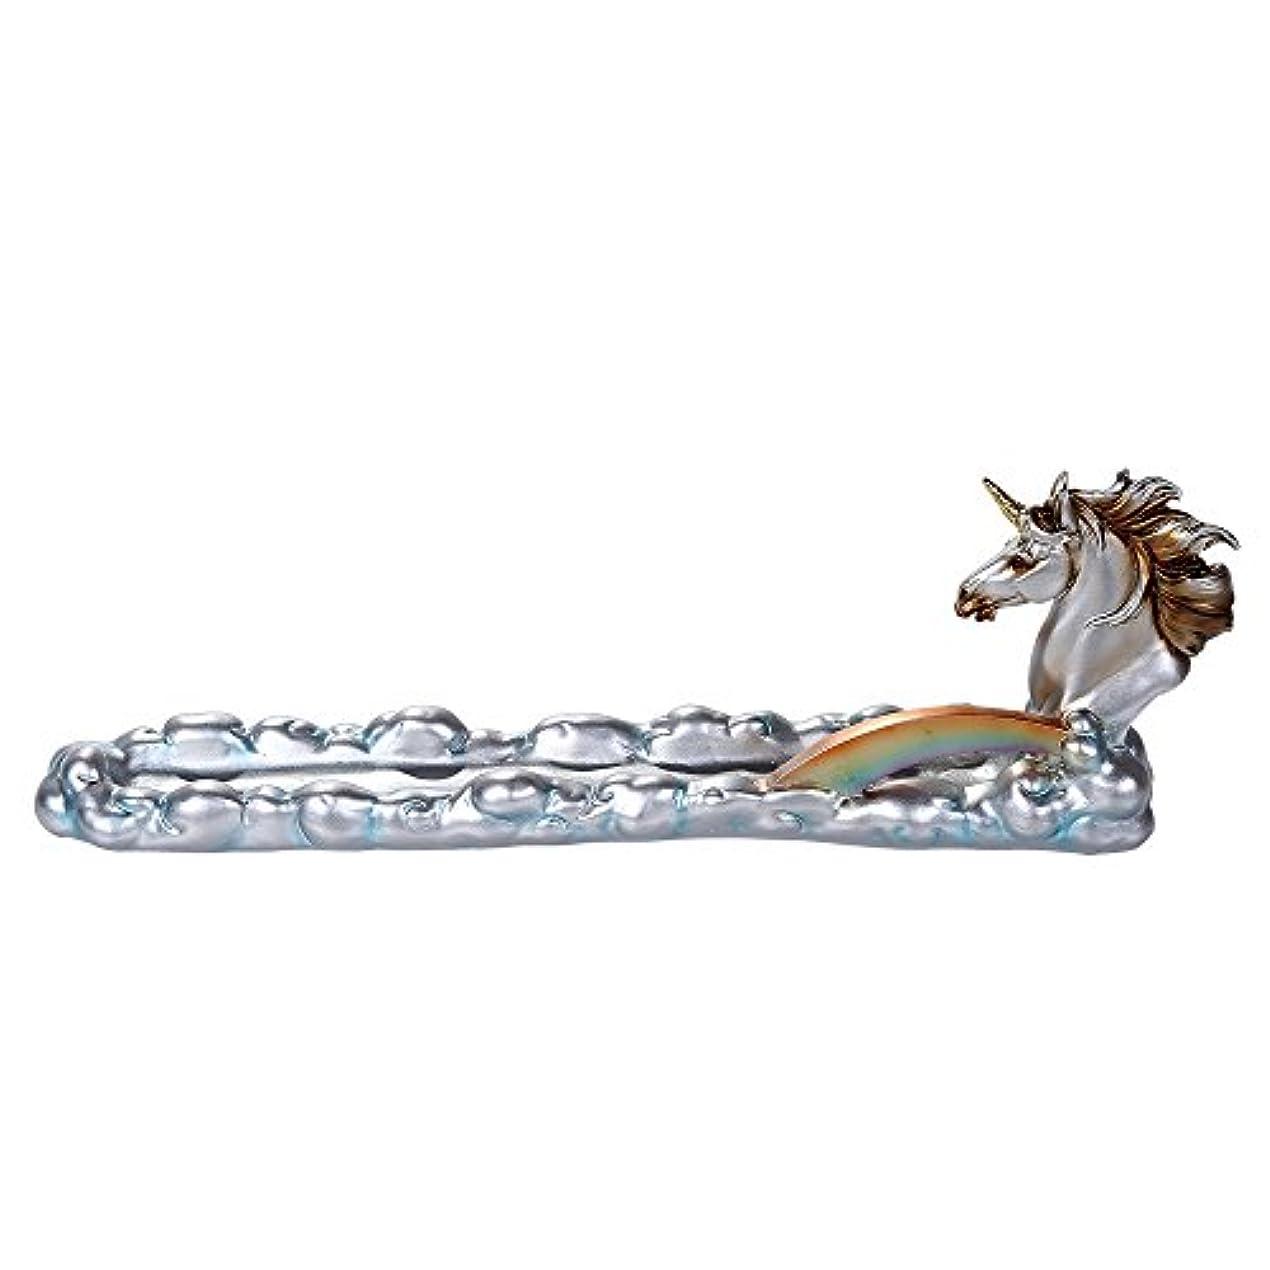 寄り添う炭水化物銃ファンタジーWonderlandユニコーンoverカラフルなレインボーブリッジStick Incense Holder 12インチL